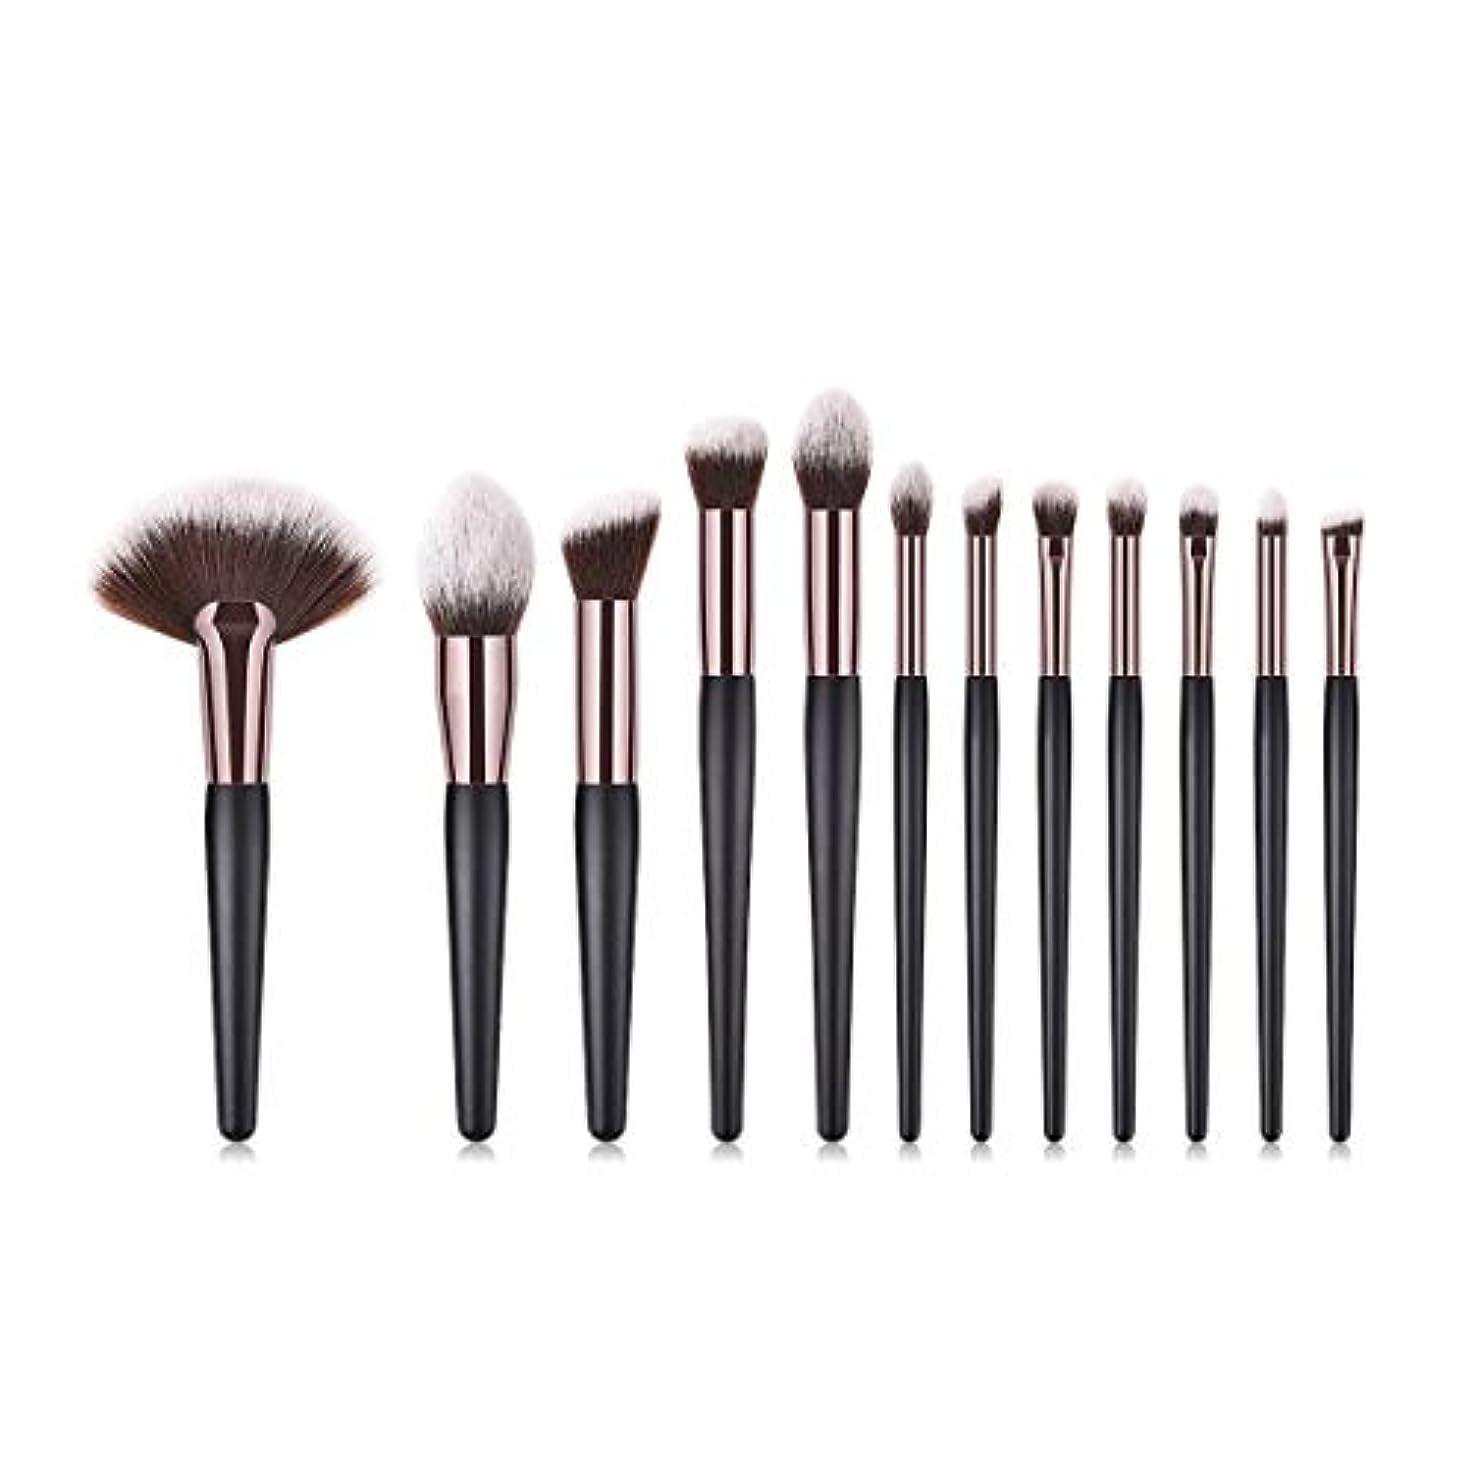 無駄キロメートル外観Makeup brushes 12化粧ブラシファンデーションブラシパウダーピンクブラッシュブラシアイシャドウブラシハイスクールグロスシルエットブラシセットブラシホワイト suits (Color : Black Gold)